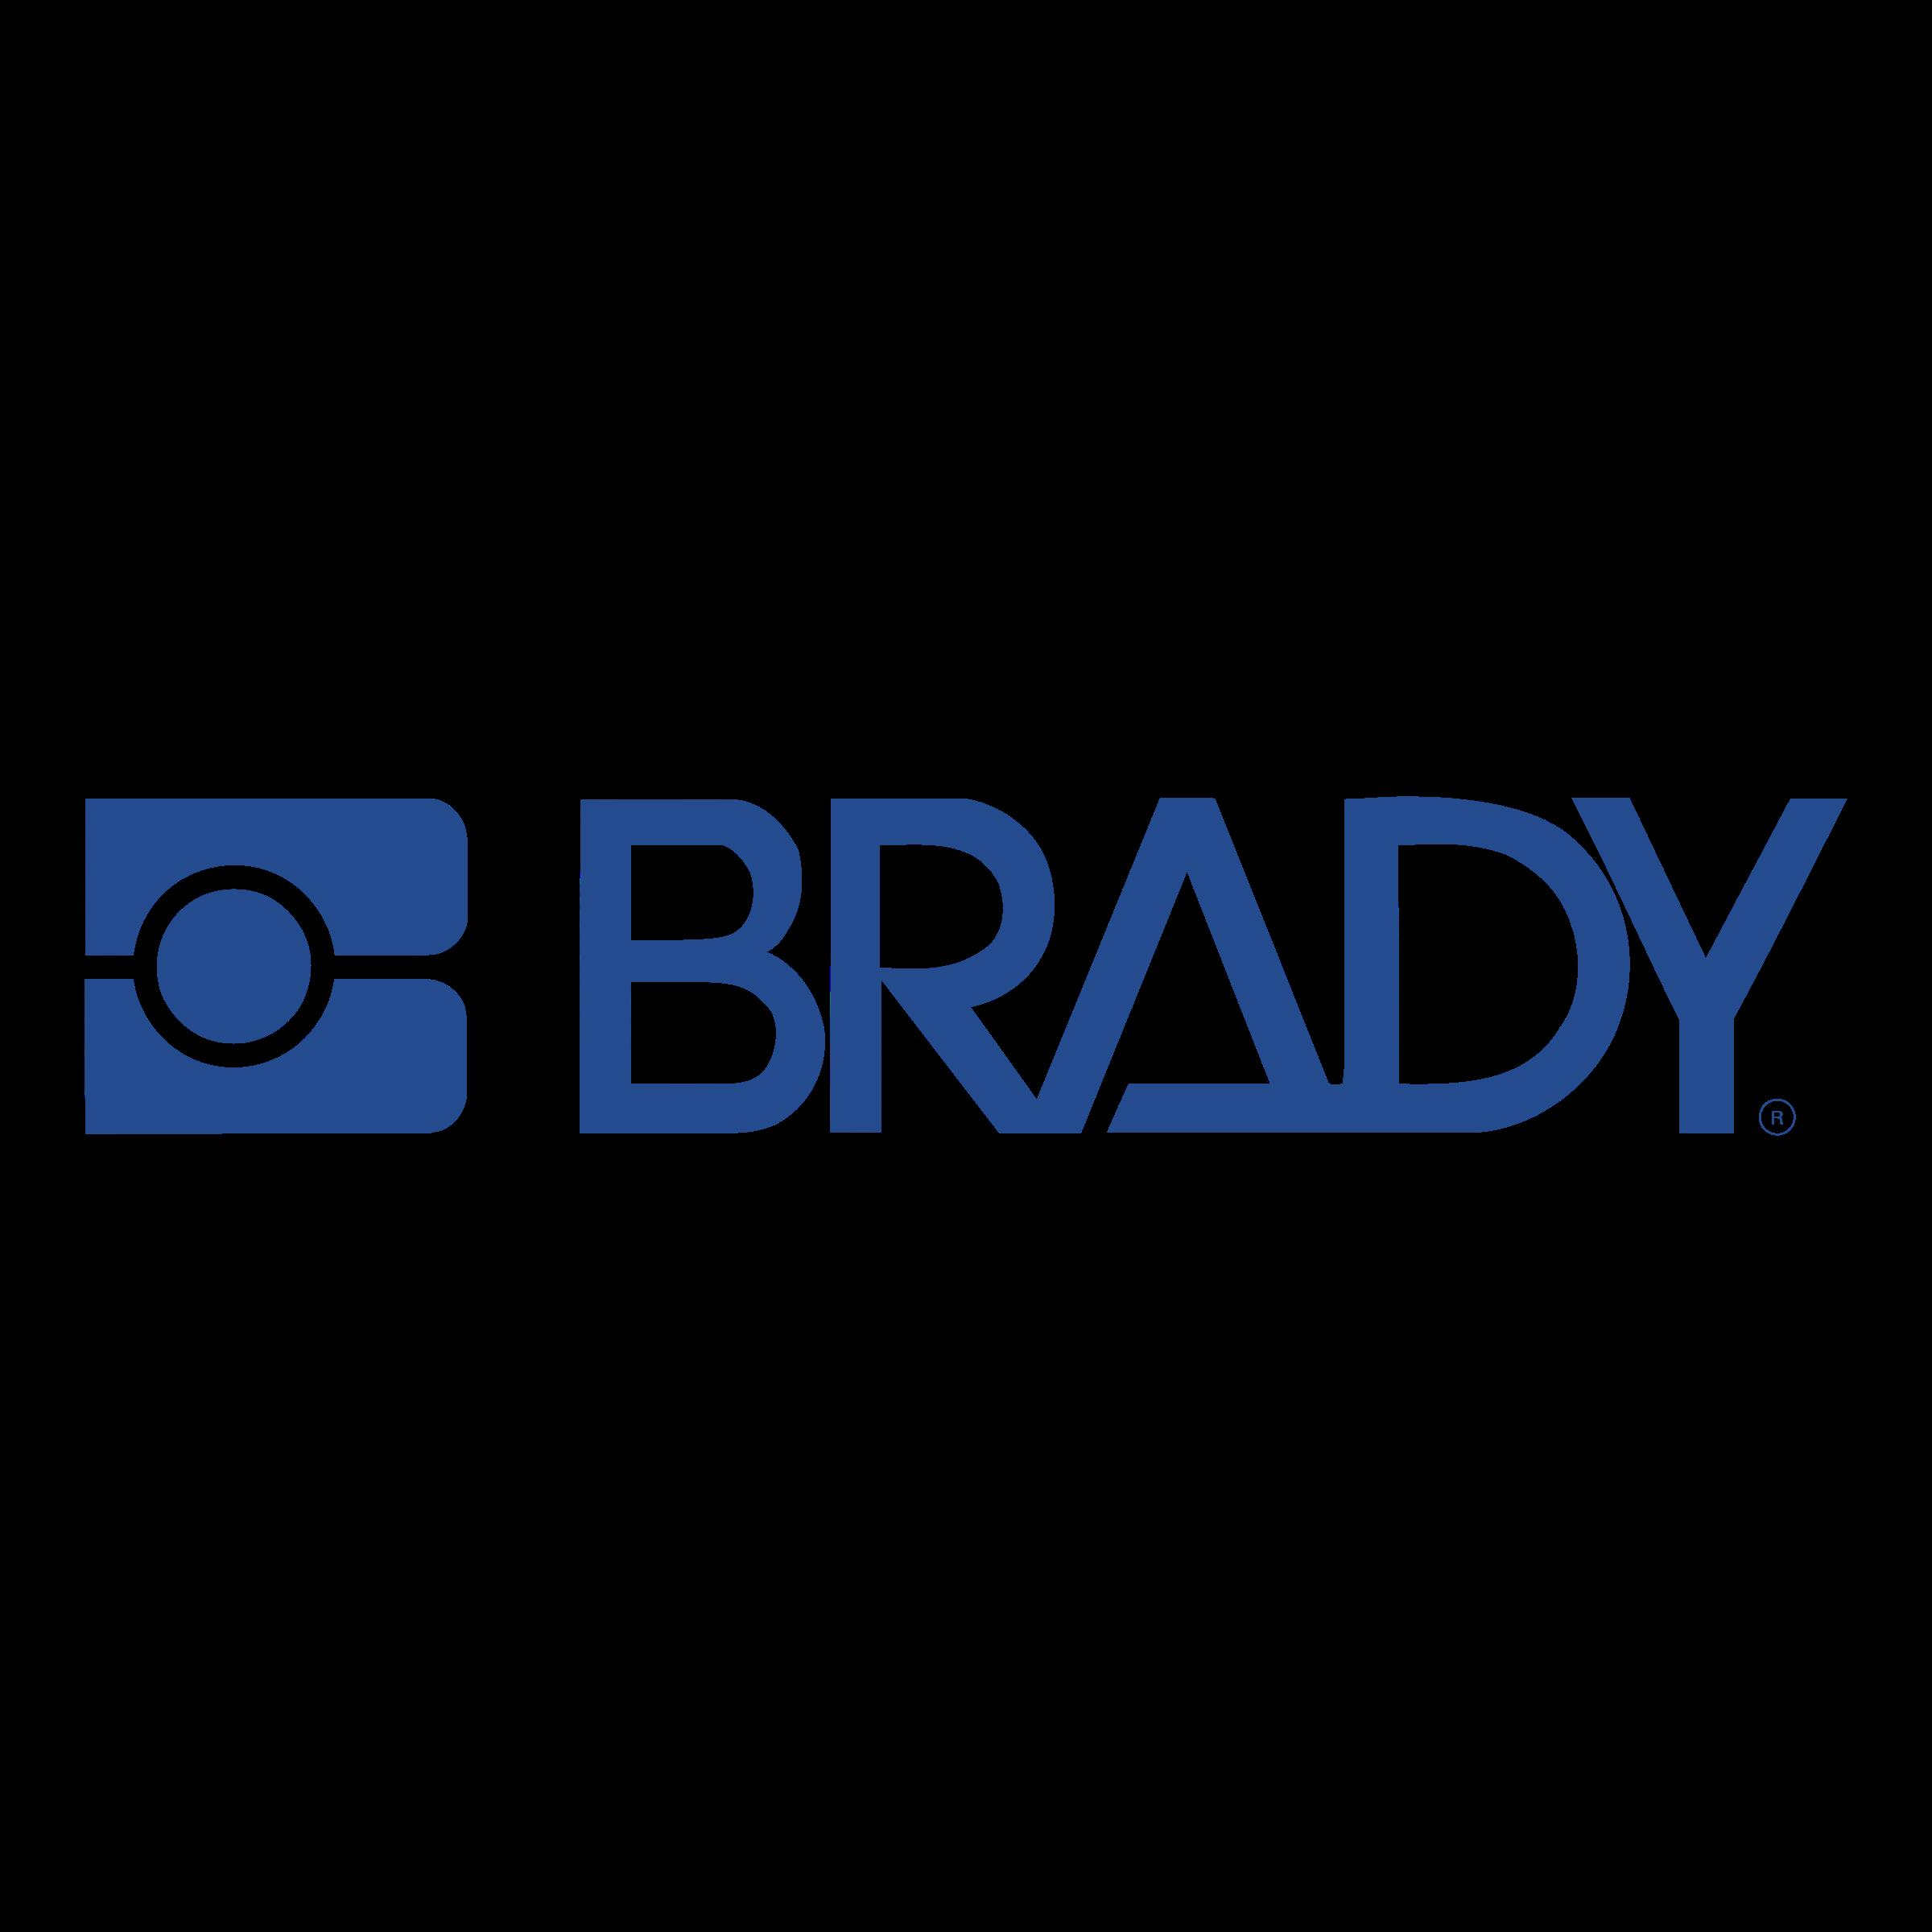 Brady logo ontario canada